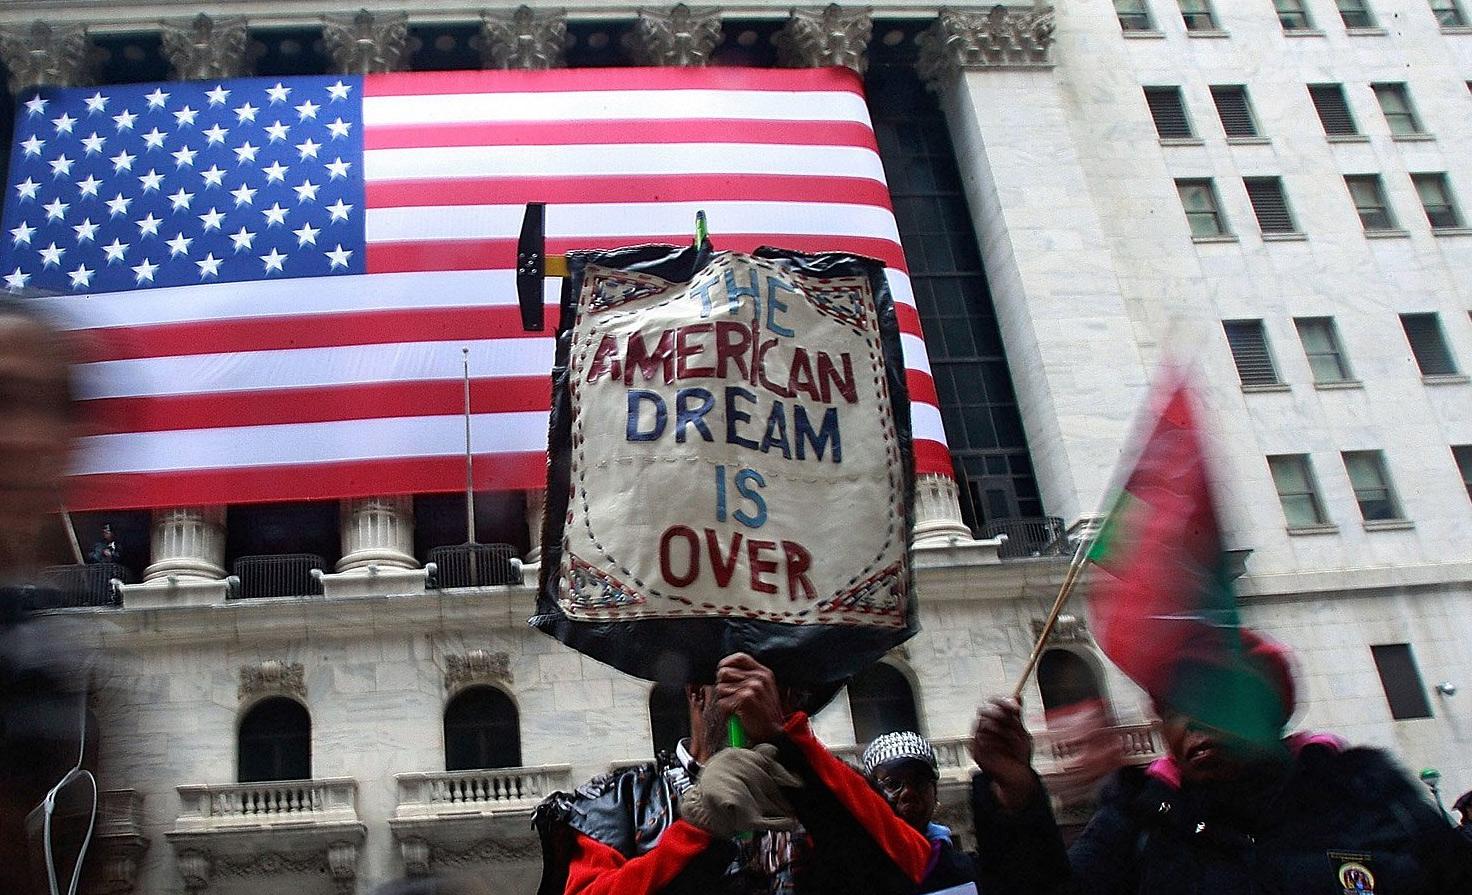 Noam Chomsky: Giấc mơ Mỹ đã chết, CNXH là cho người giàu, và CNTB cho người nghèo